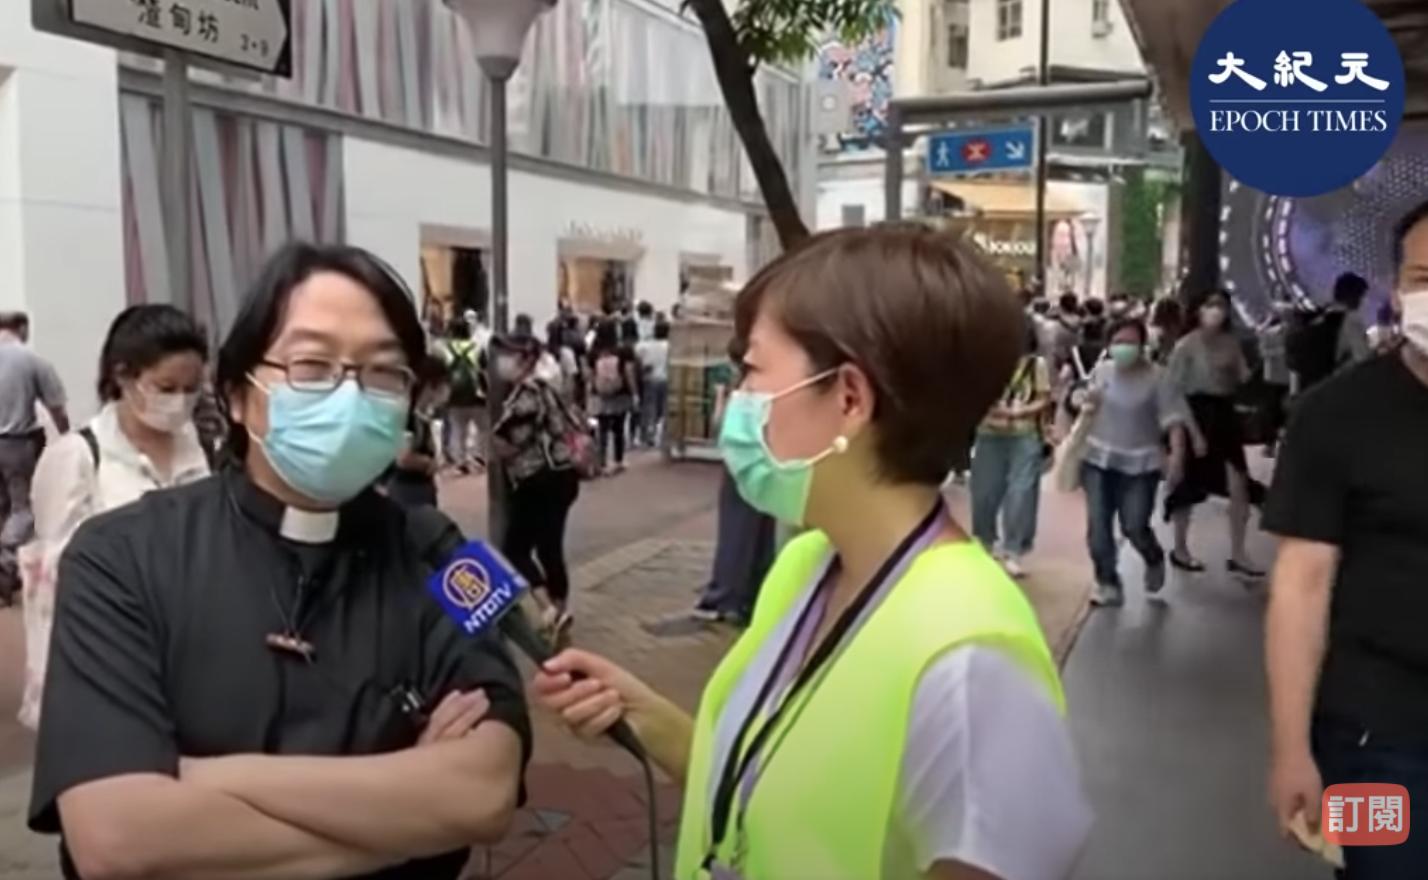 陳牧師接手大紀元記者採訪(梁珍/大紀元訊)